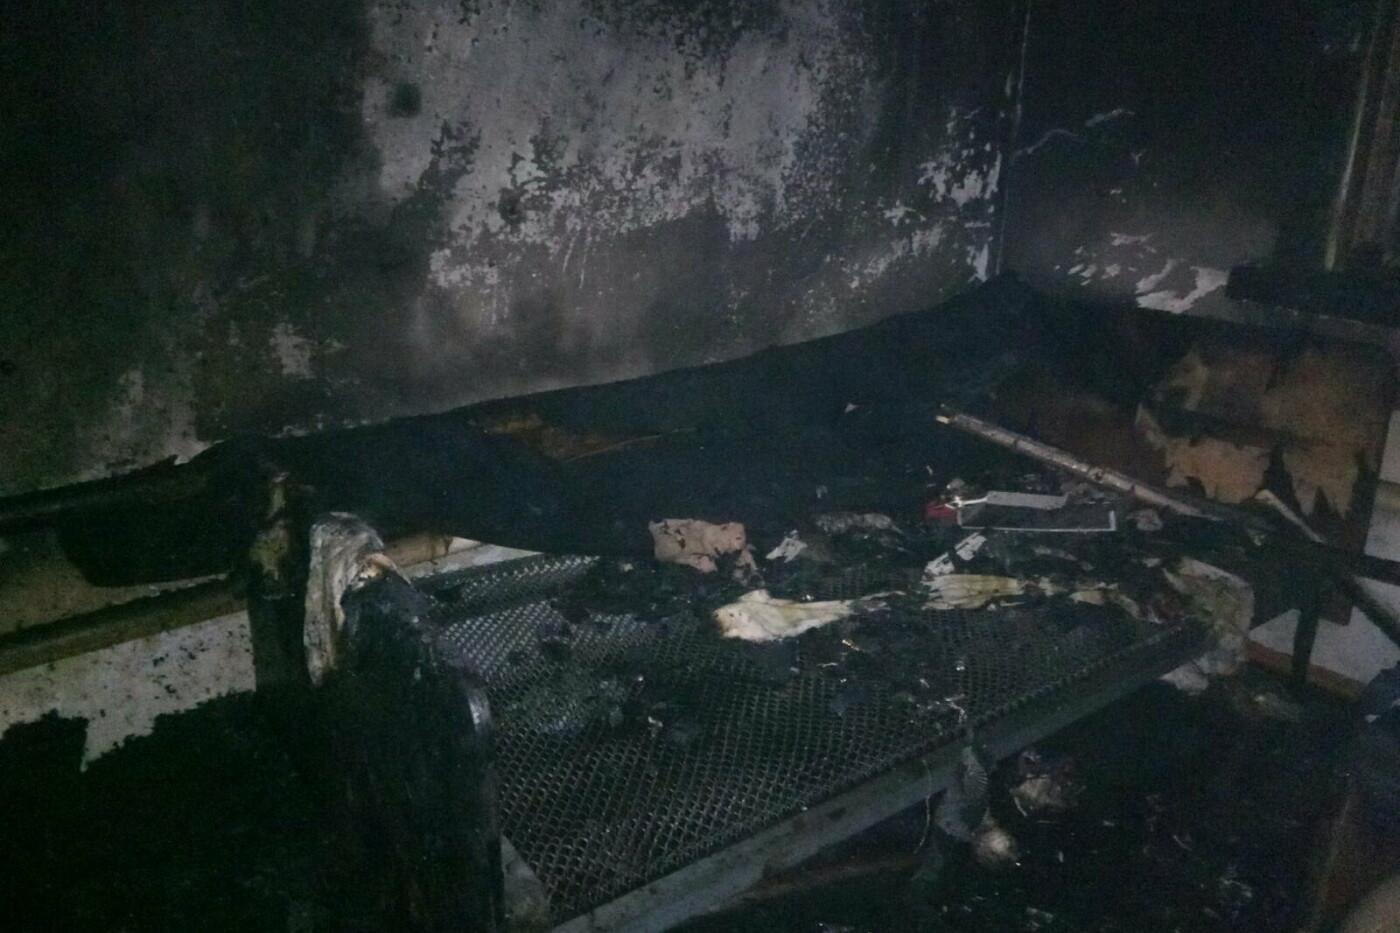 На Харьковщине спасатели во время тушения пожара нашли труп мужчины, - ФОТО, фото-3